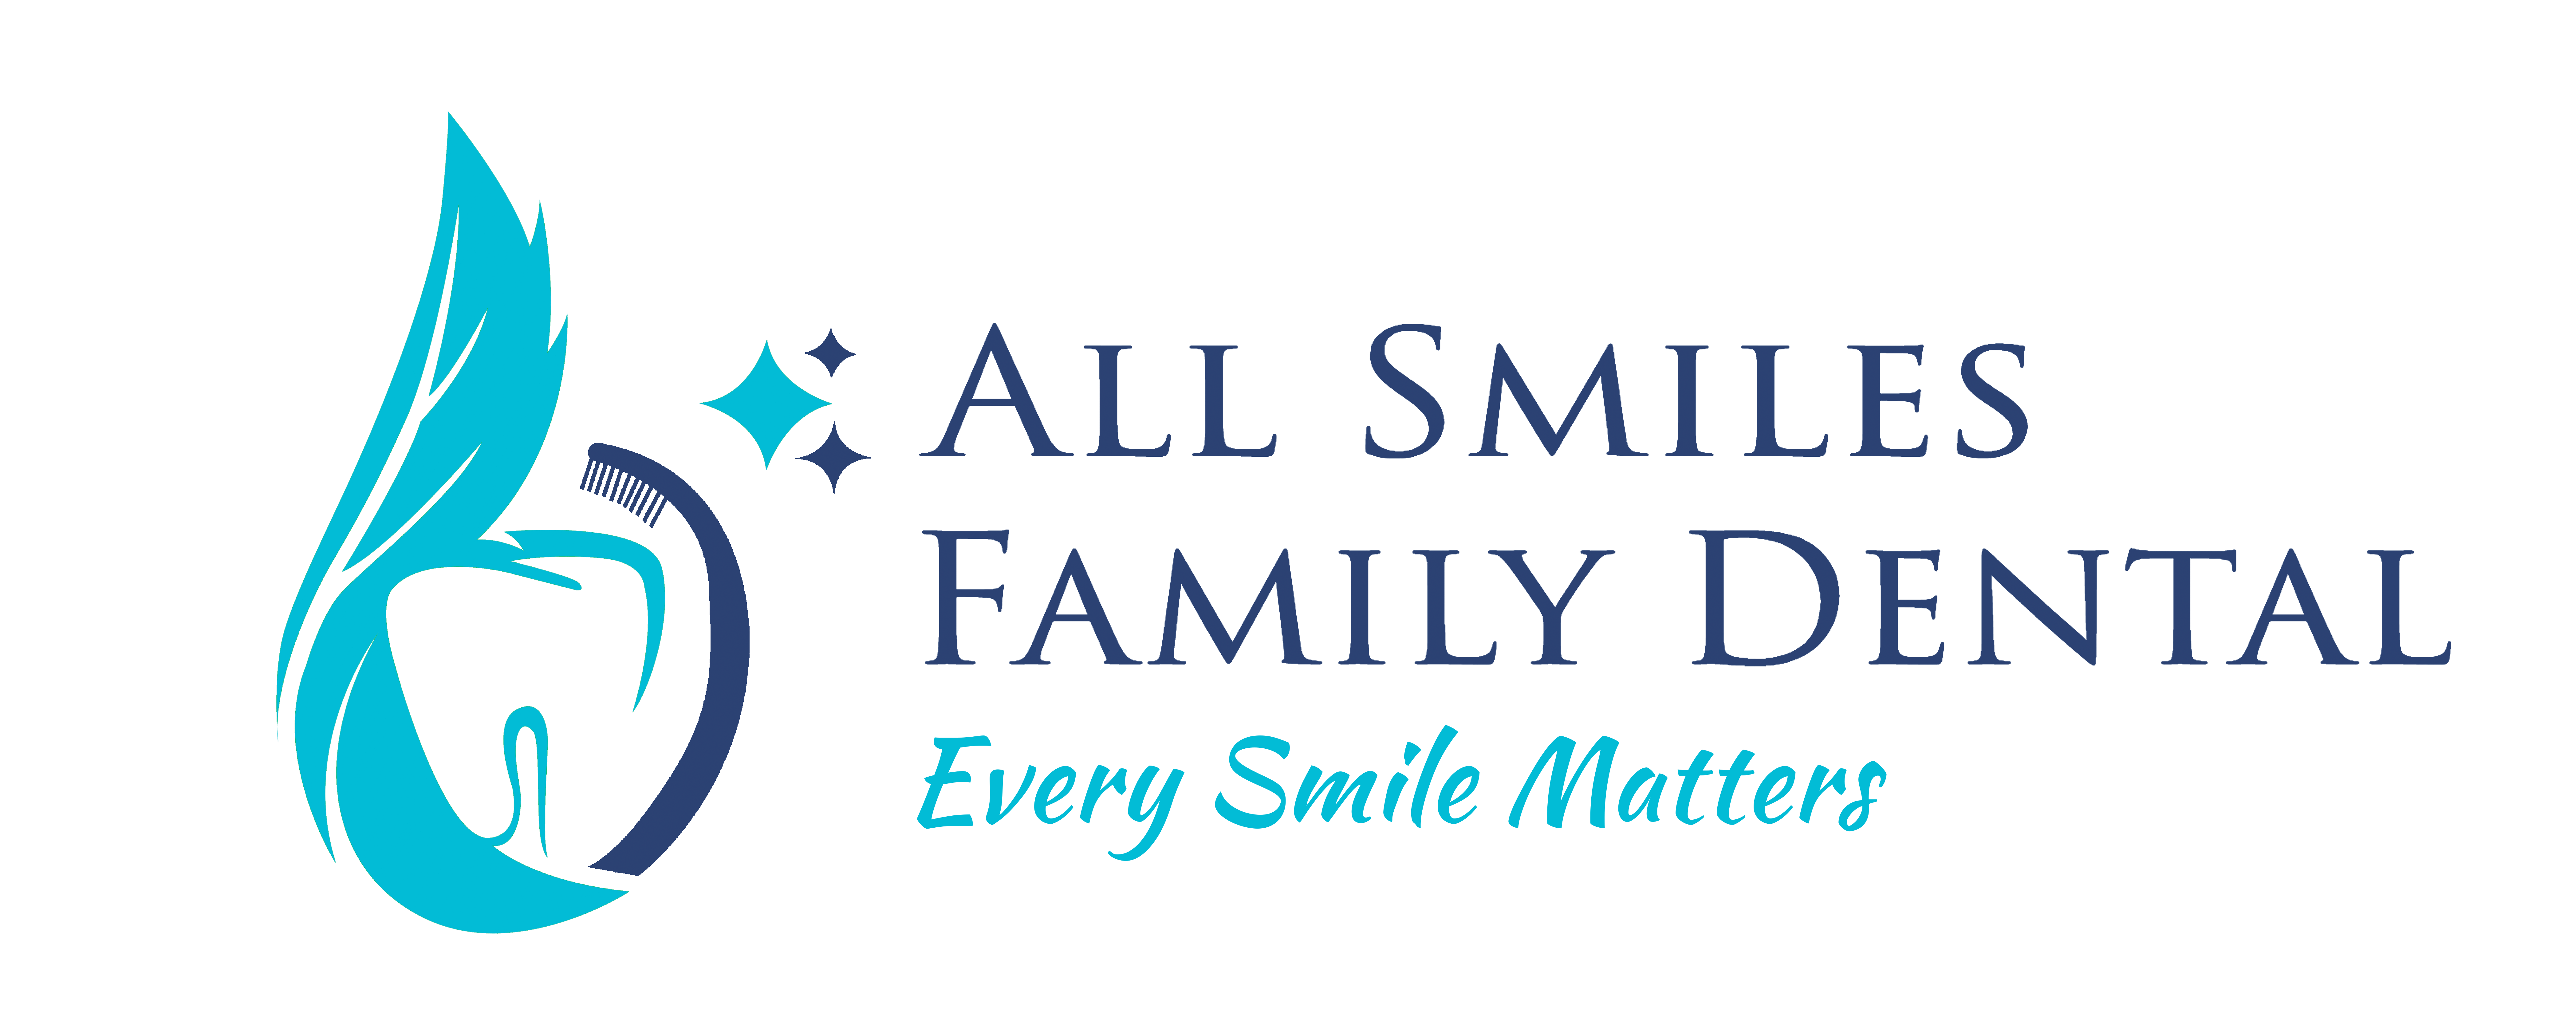 All Smiles Family Dental